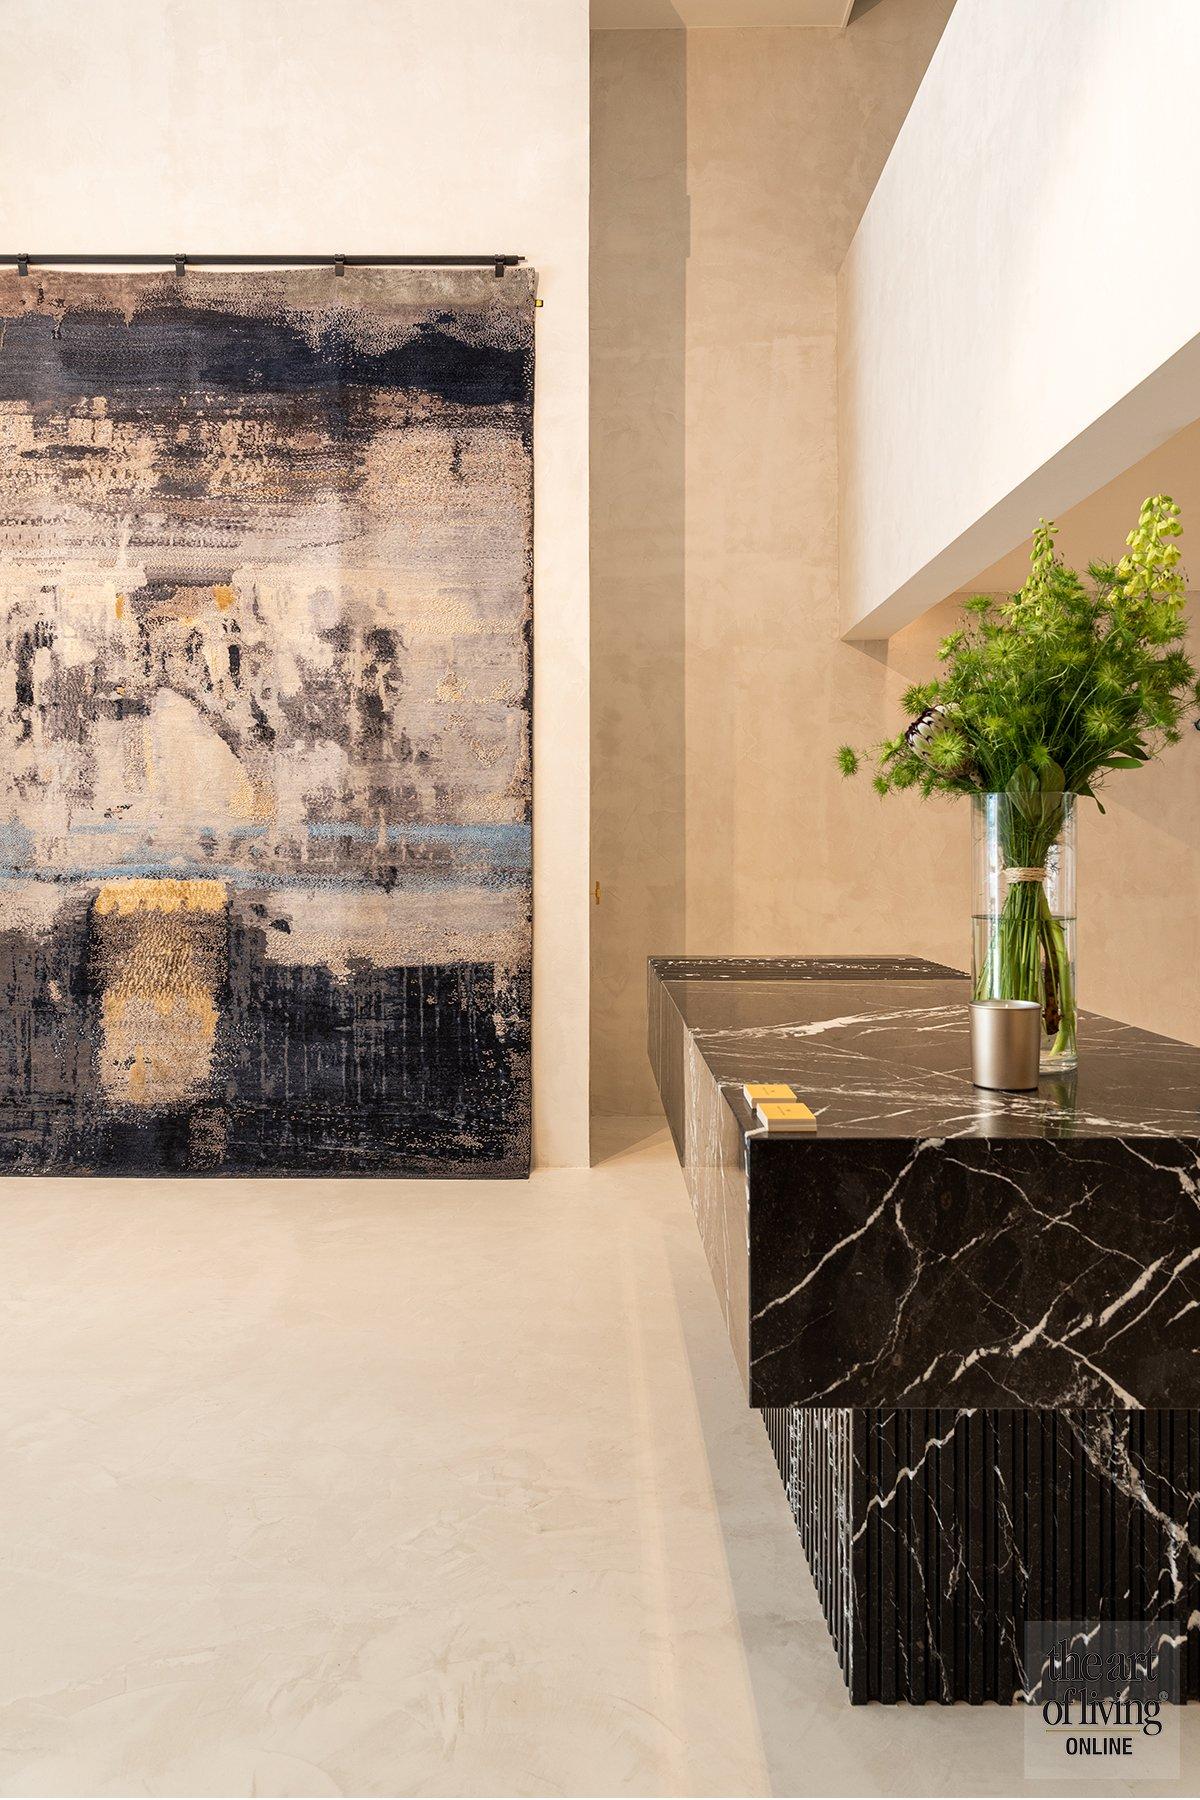 minimalistisch interieur, Thibault van Renne, the art of living